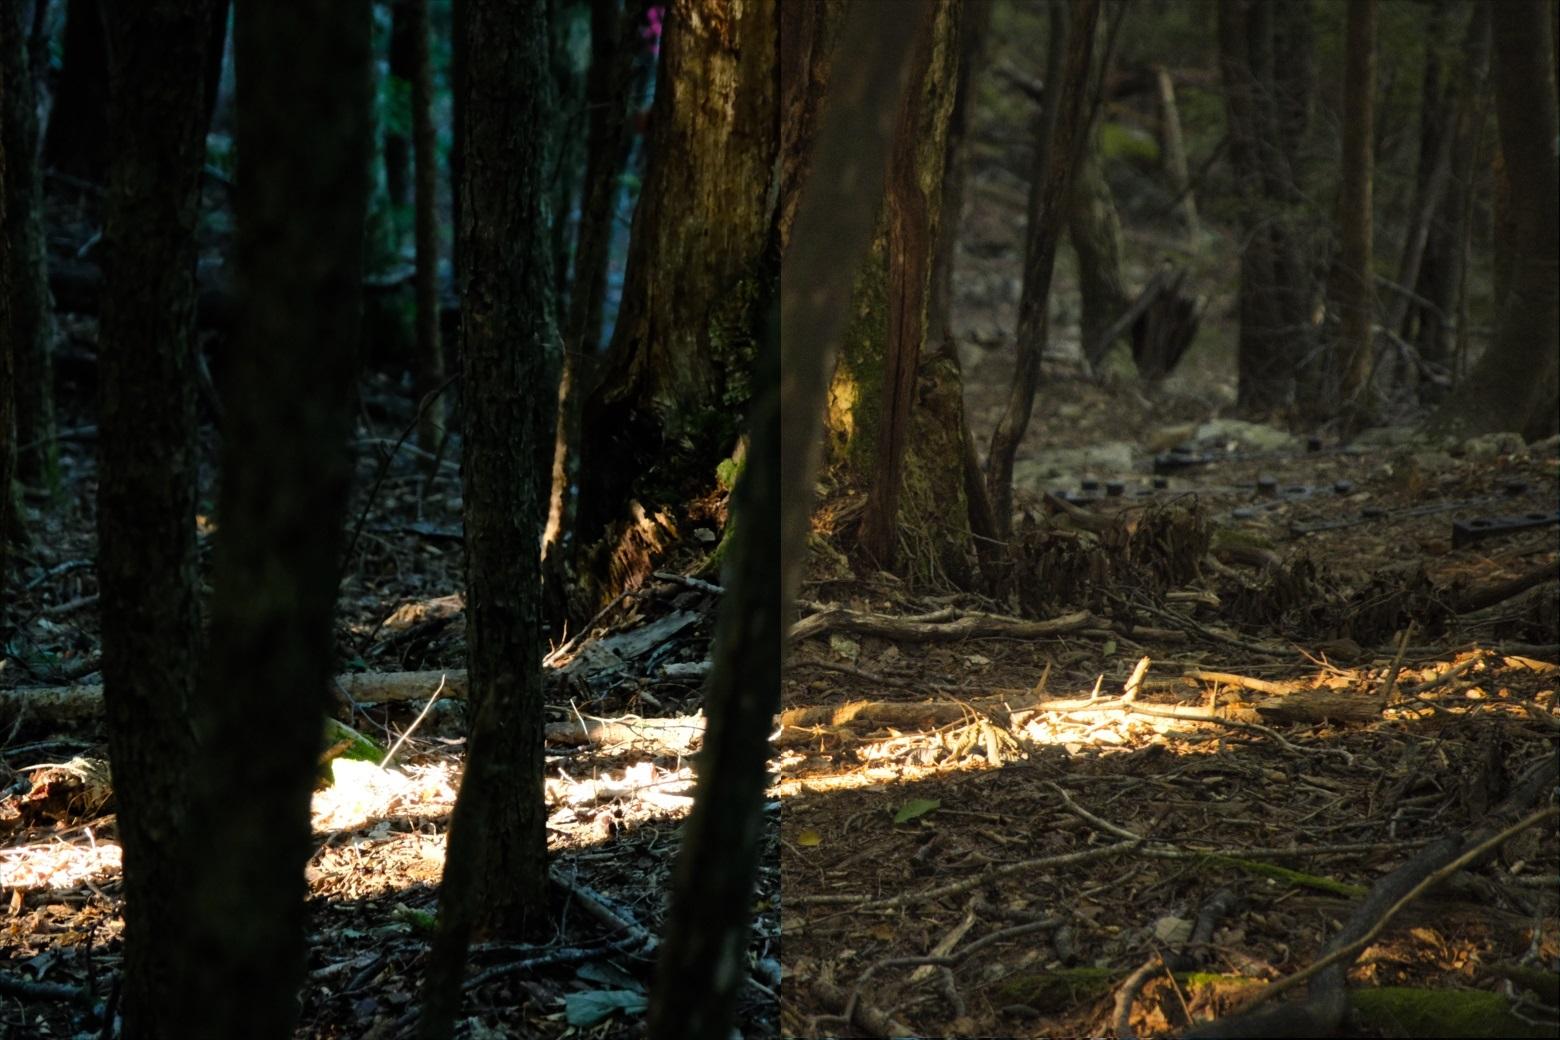 写真現像ソフトLuminar4「魔法の森(magical forests)Looks」の実例紹介